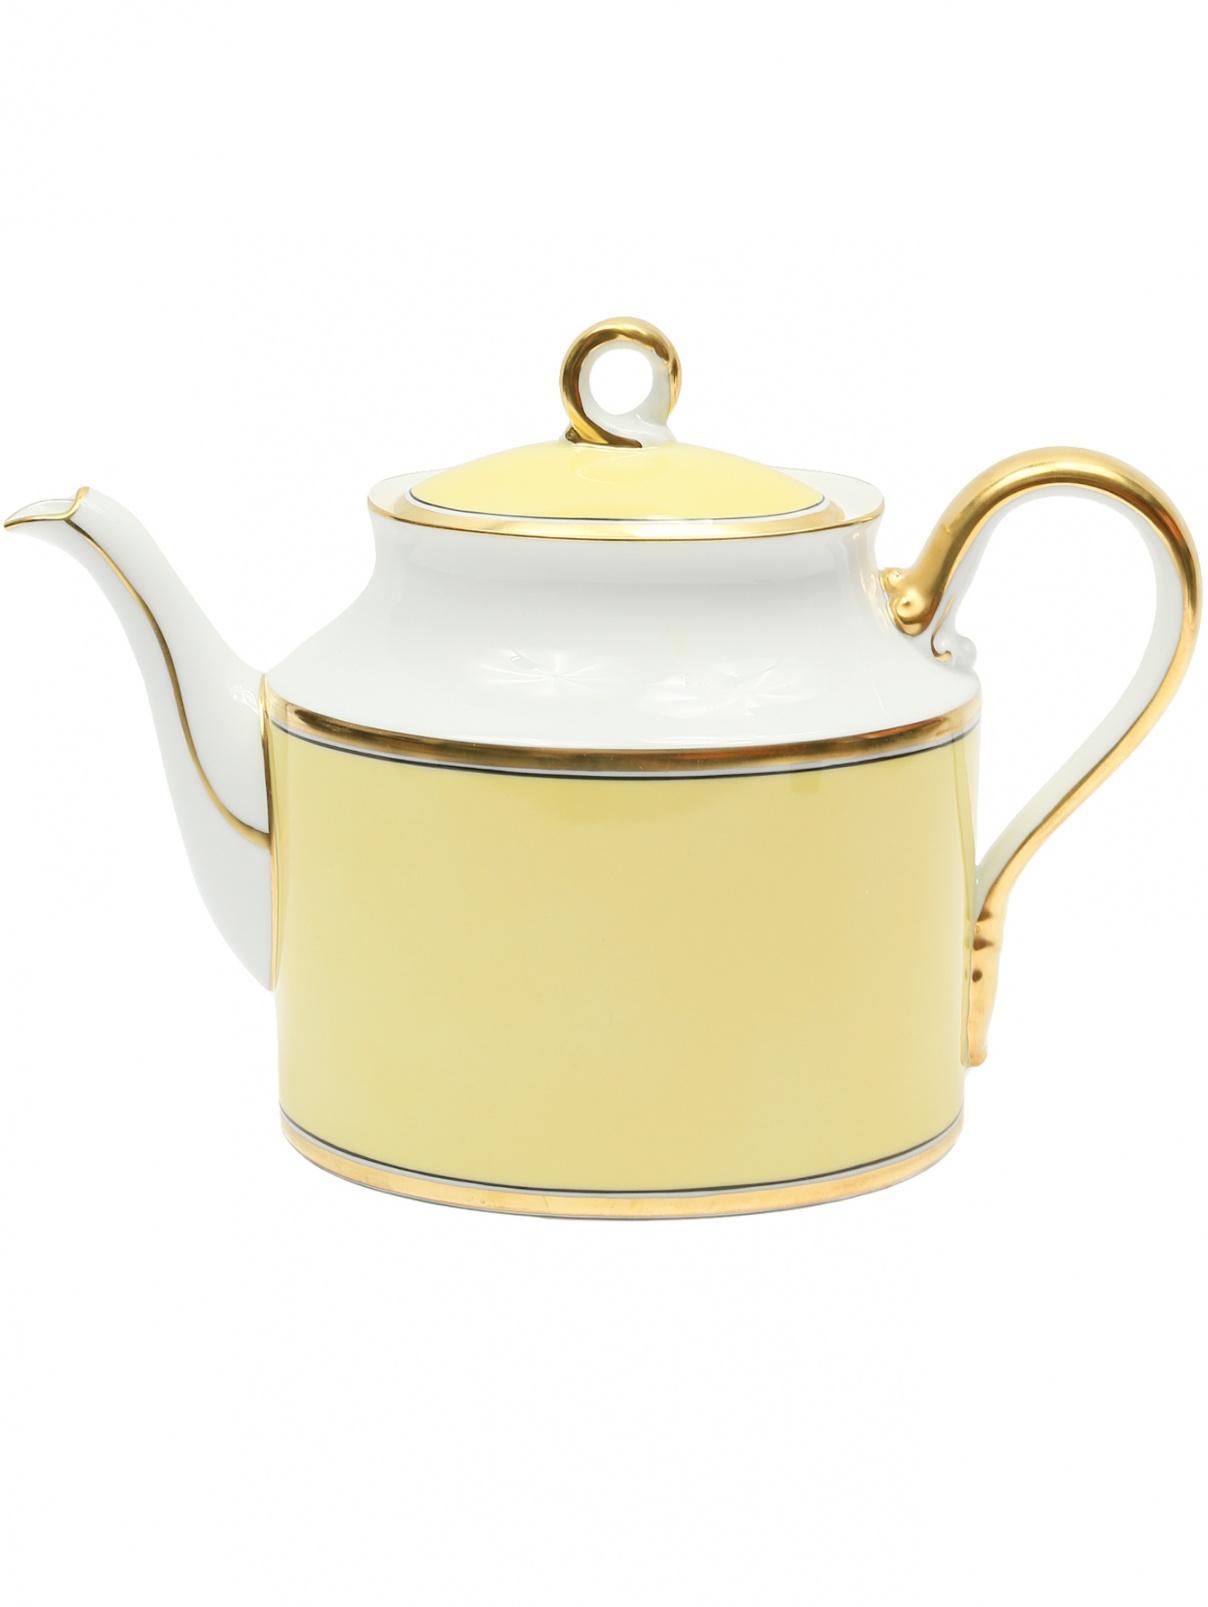 Фарфоровый чайник с крышкой Richard Ginori 1735  –  Общий вид